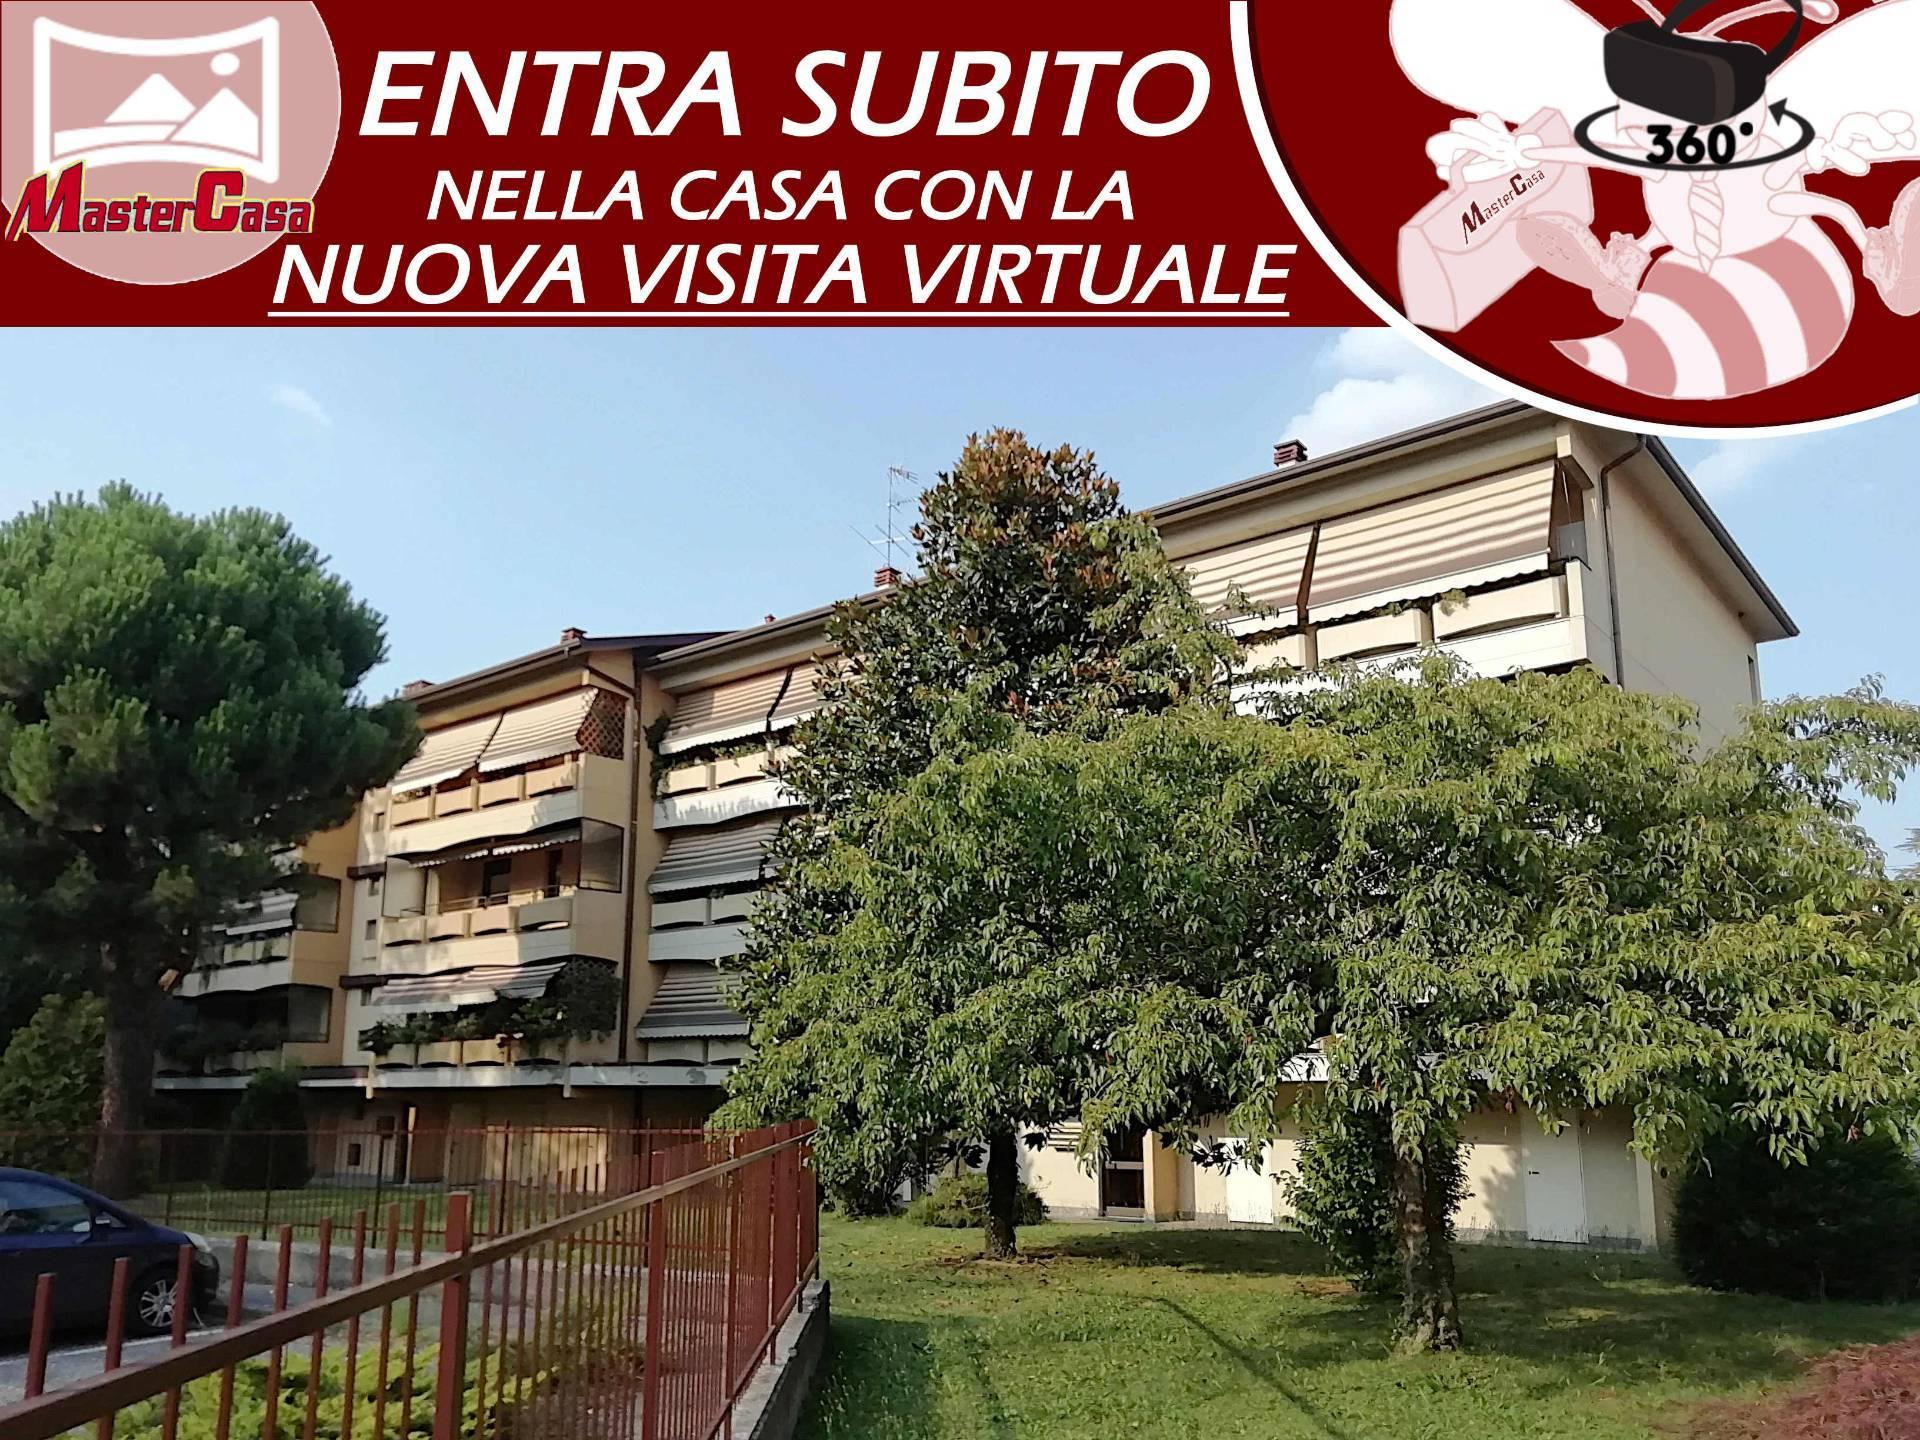 Appartamento in vendita a Tradate, 3 locali, zona Località: CENTRO, prezzo € 125.000   PortaleAgenzieImmobiliari.it